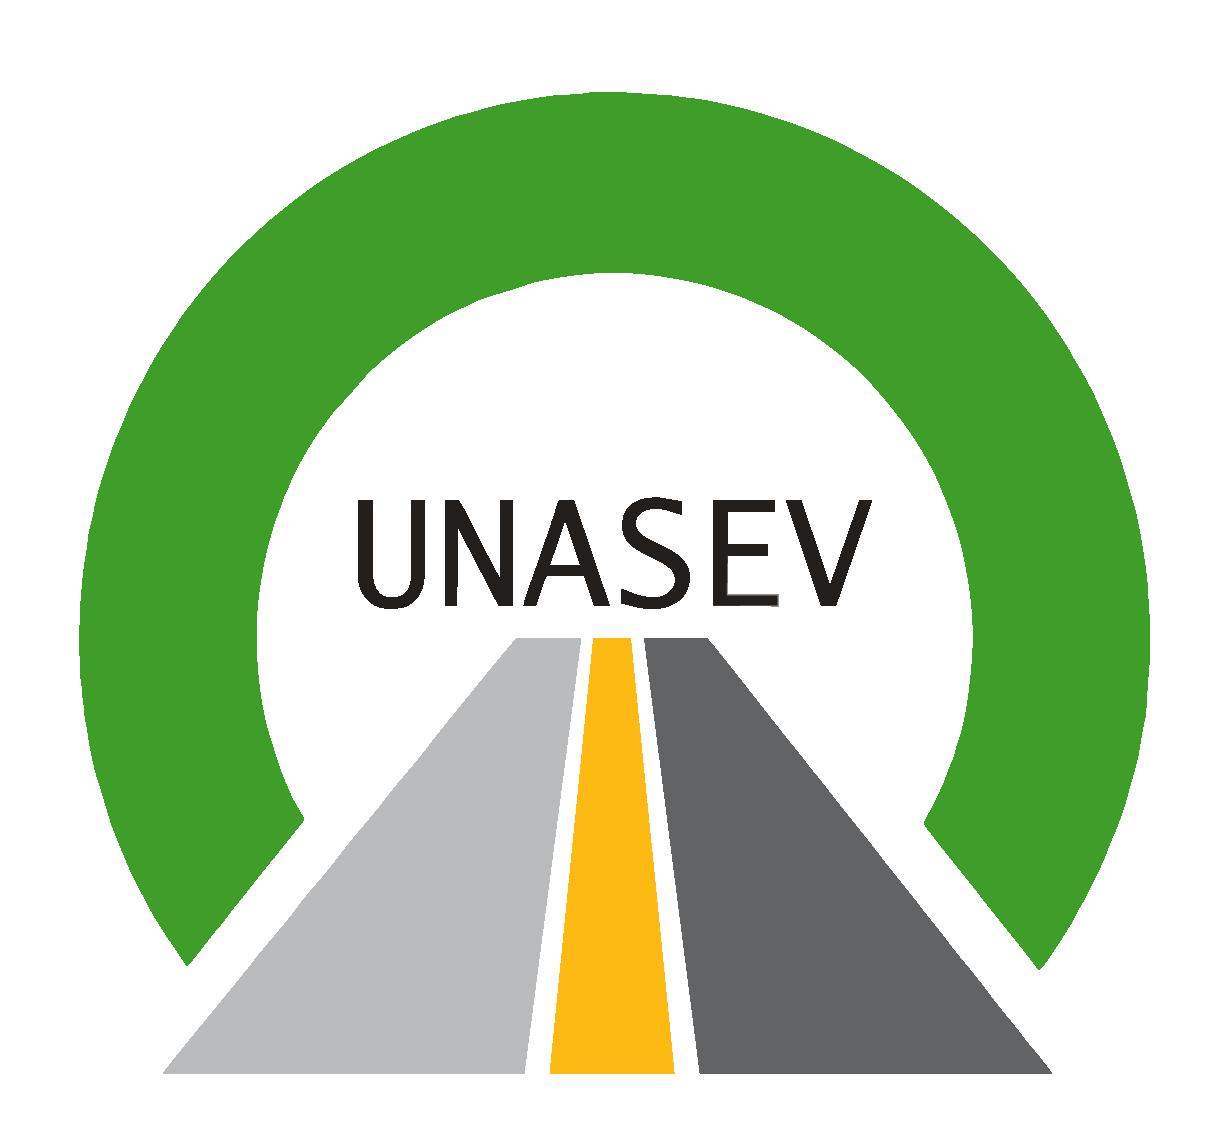 unasev